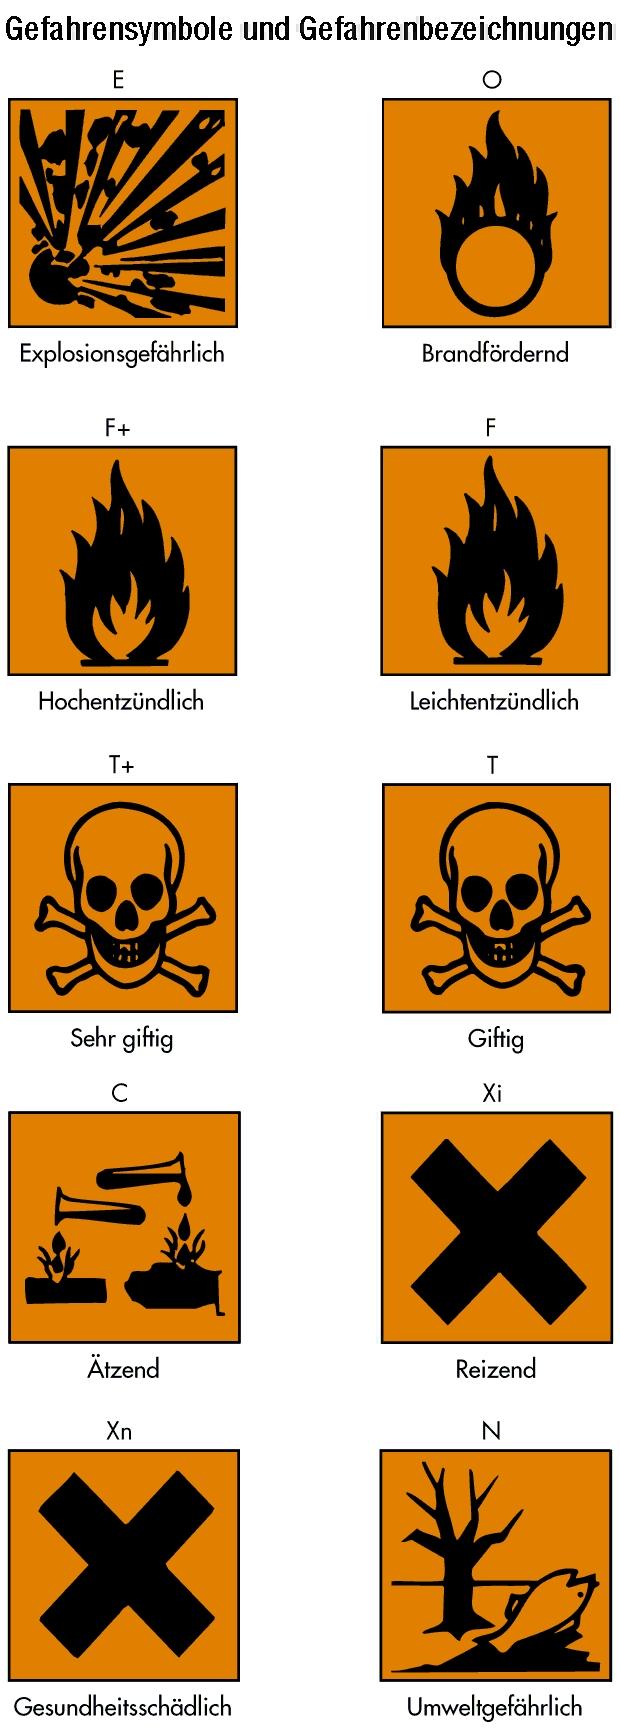 Die chemische bezeichnung des stoffes die gefahrensymbole